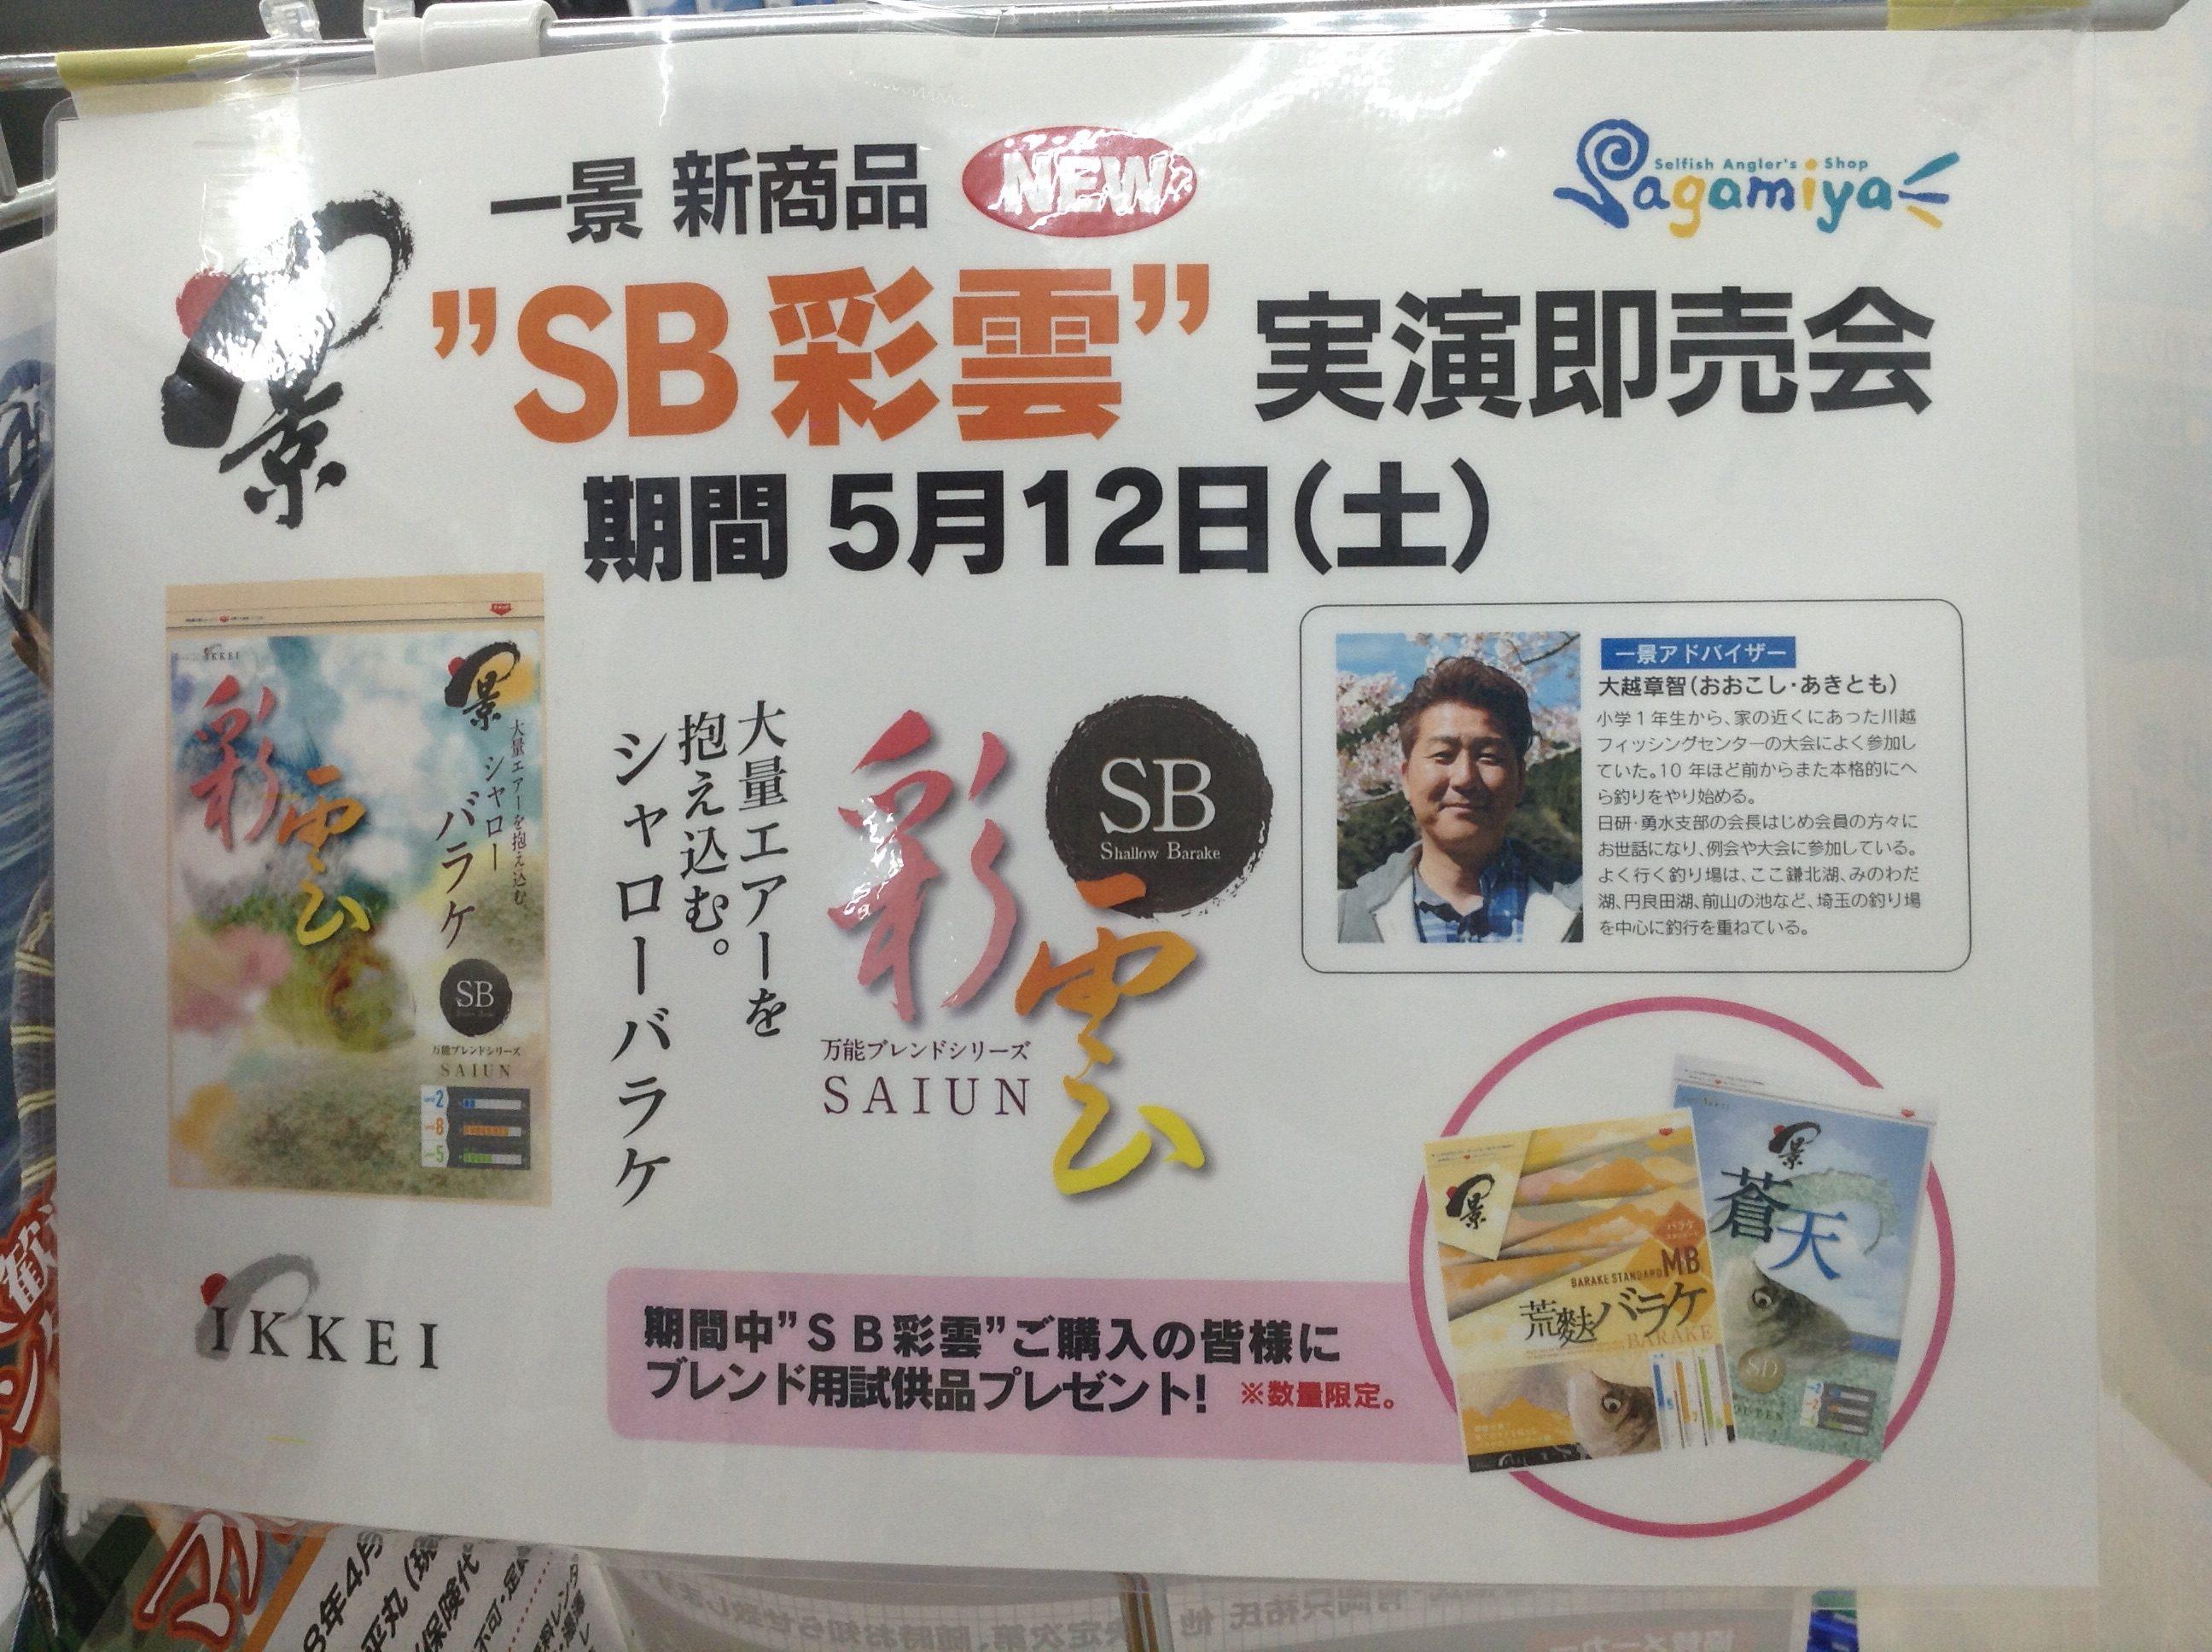 今週土曜開催!2018年5月12日(土)ヒロキュー ヘラ餌 商品説明会&実演販売会